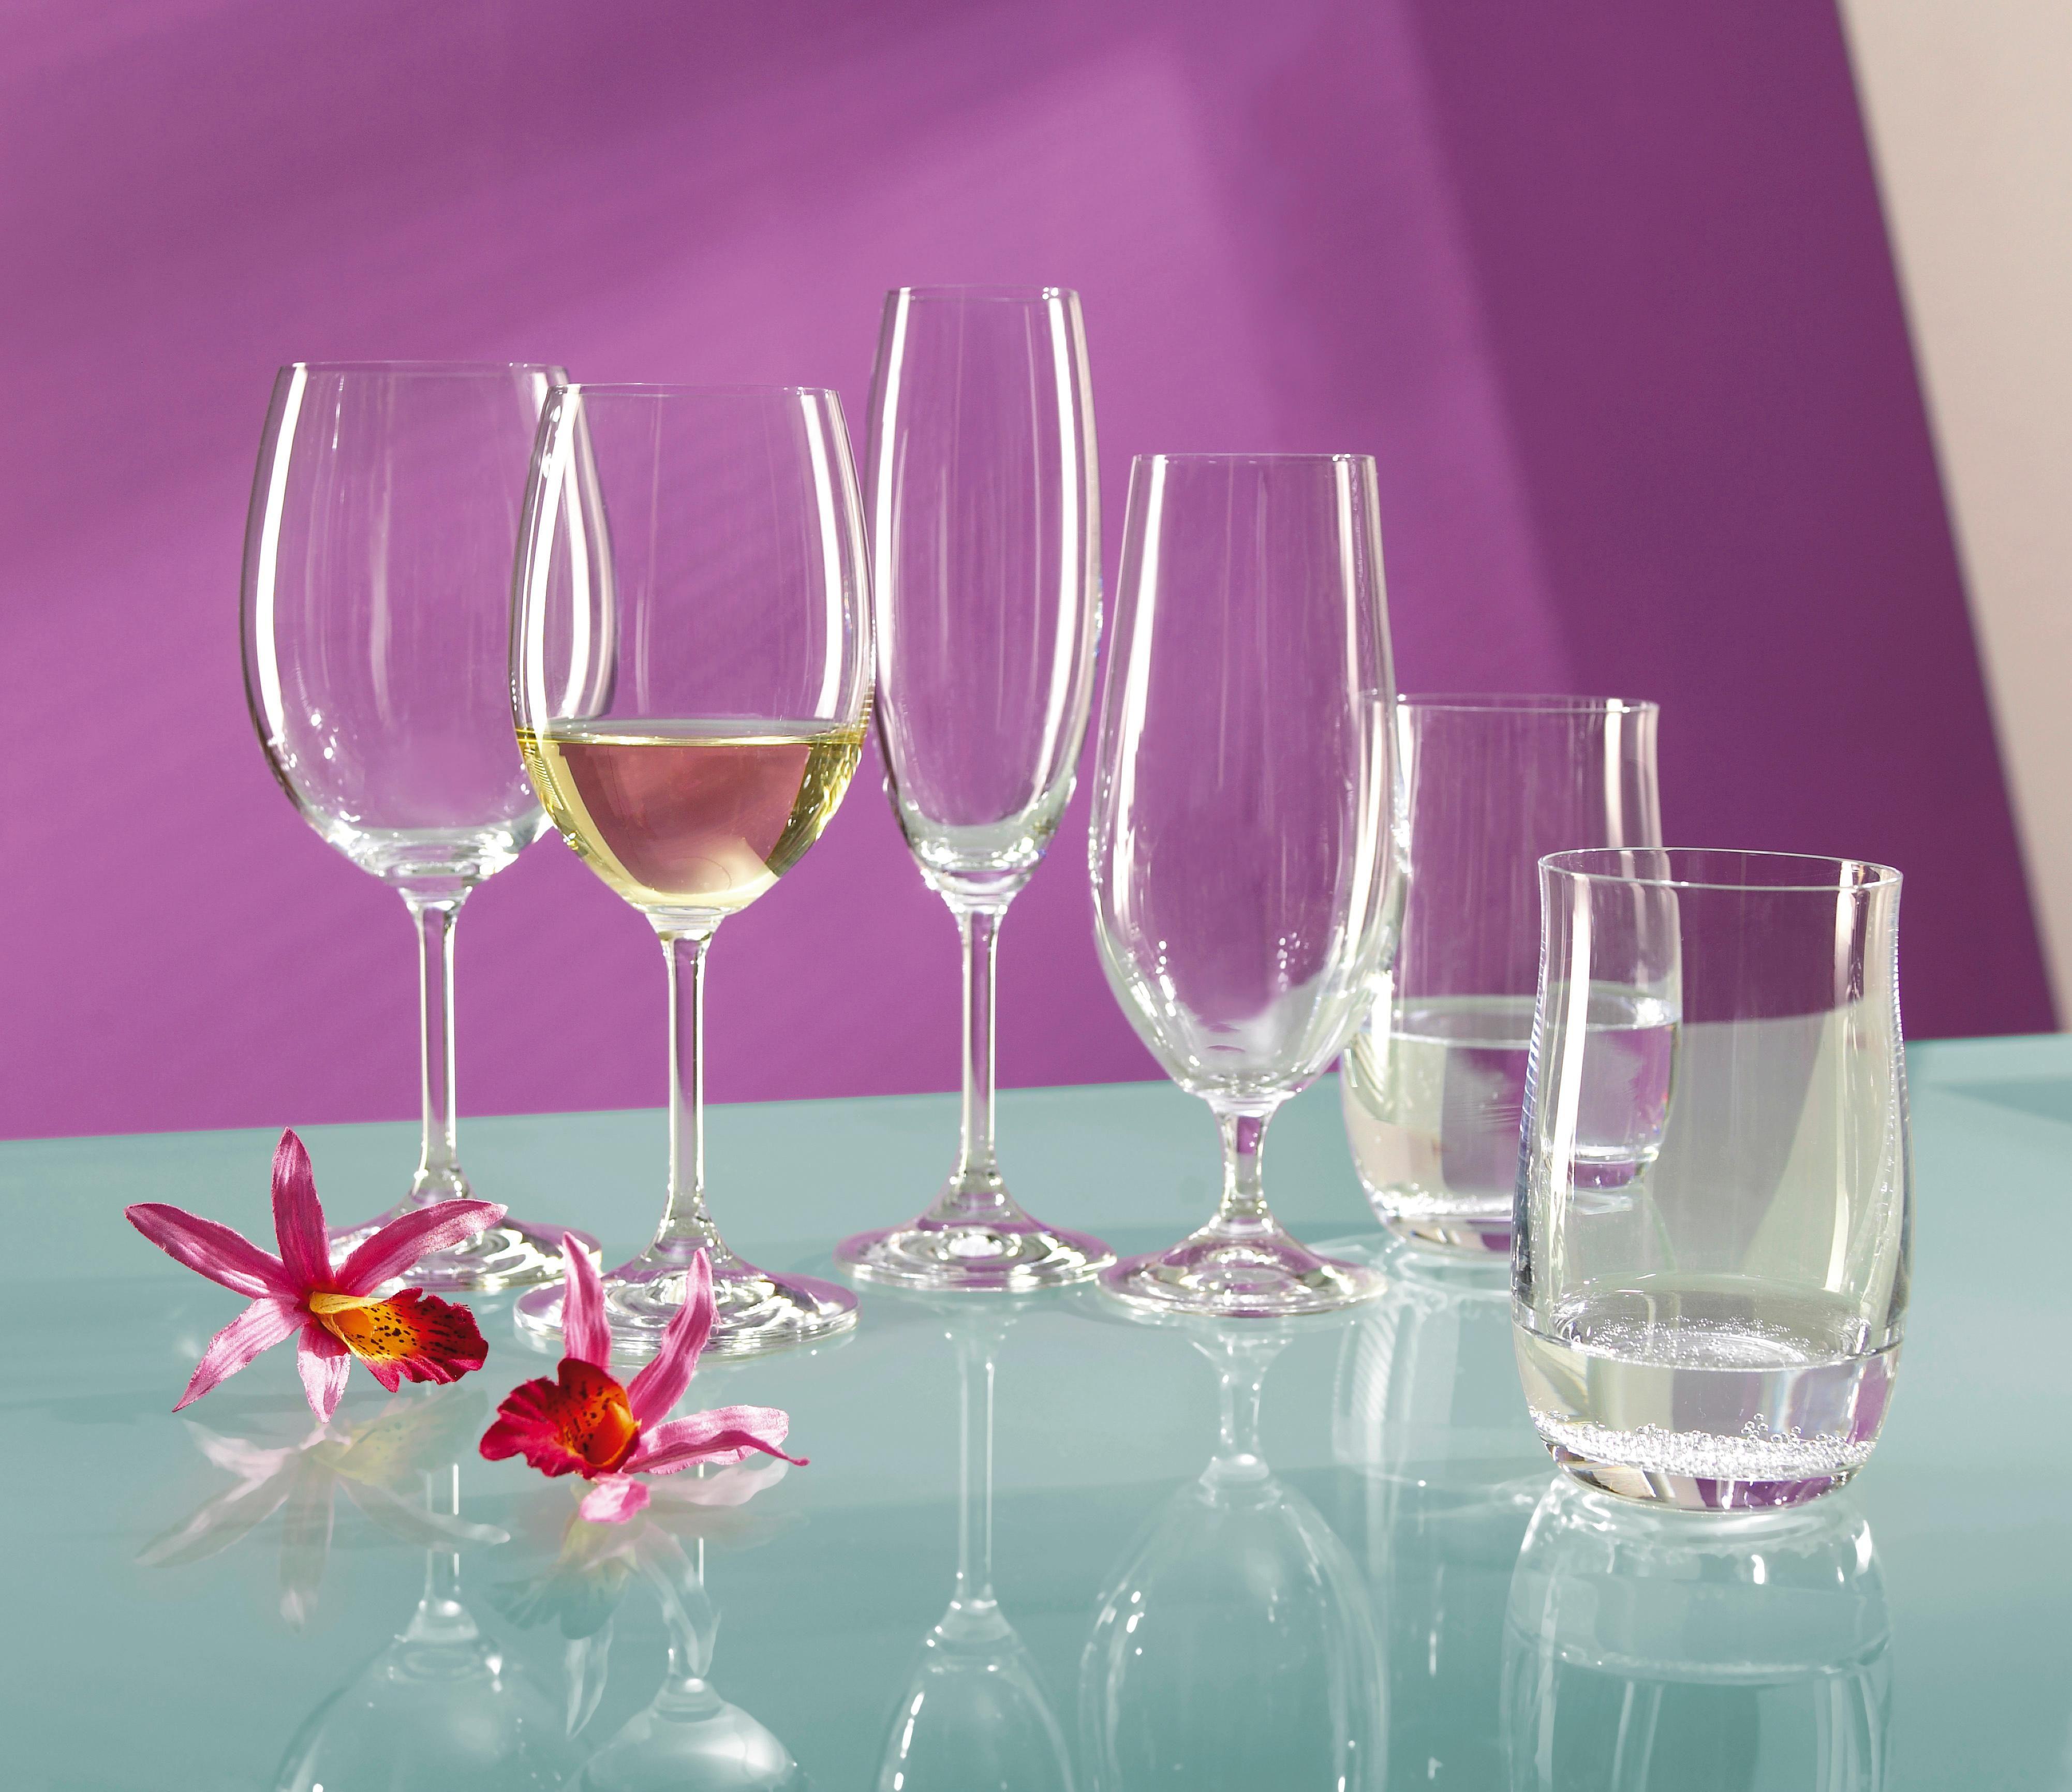 Die perfekten Trinkgläser für eure Gäste: Serviert leckere Fruchtsäfte, frisches Mineralwasser oder eisgekühlte Lemonade in diesen Gläsern und sorgt so für reichlich Erfrischung bei der nächsten Party. Das ideale Trinkglas für Festivitäten!